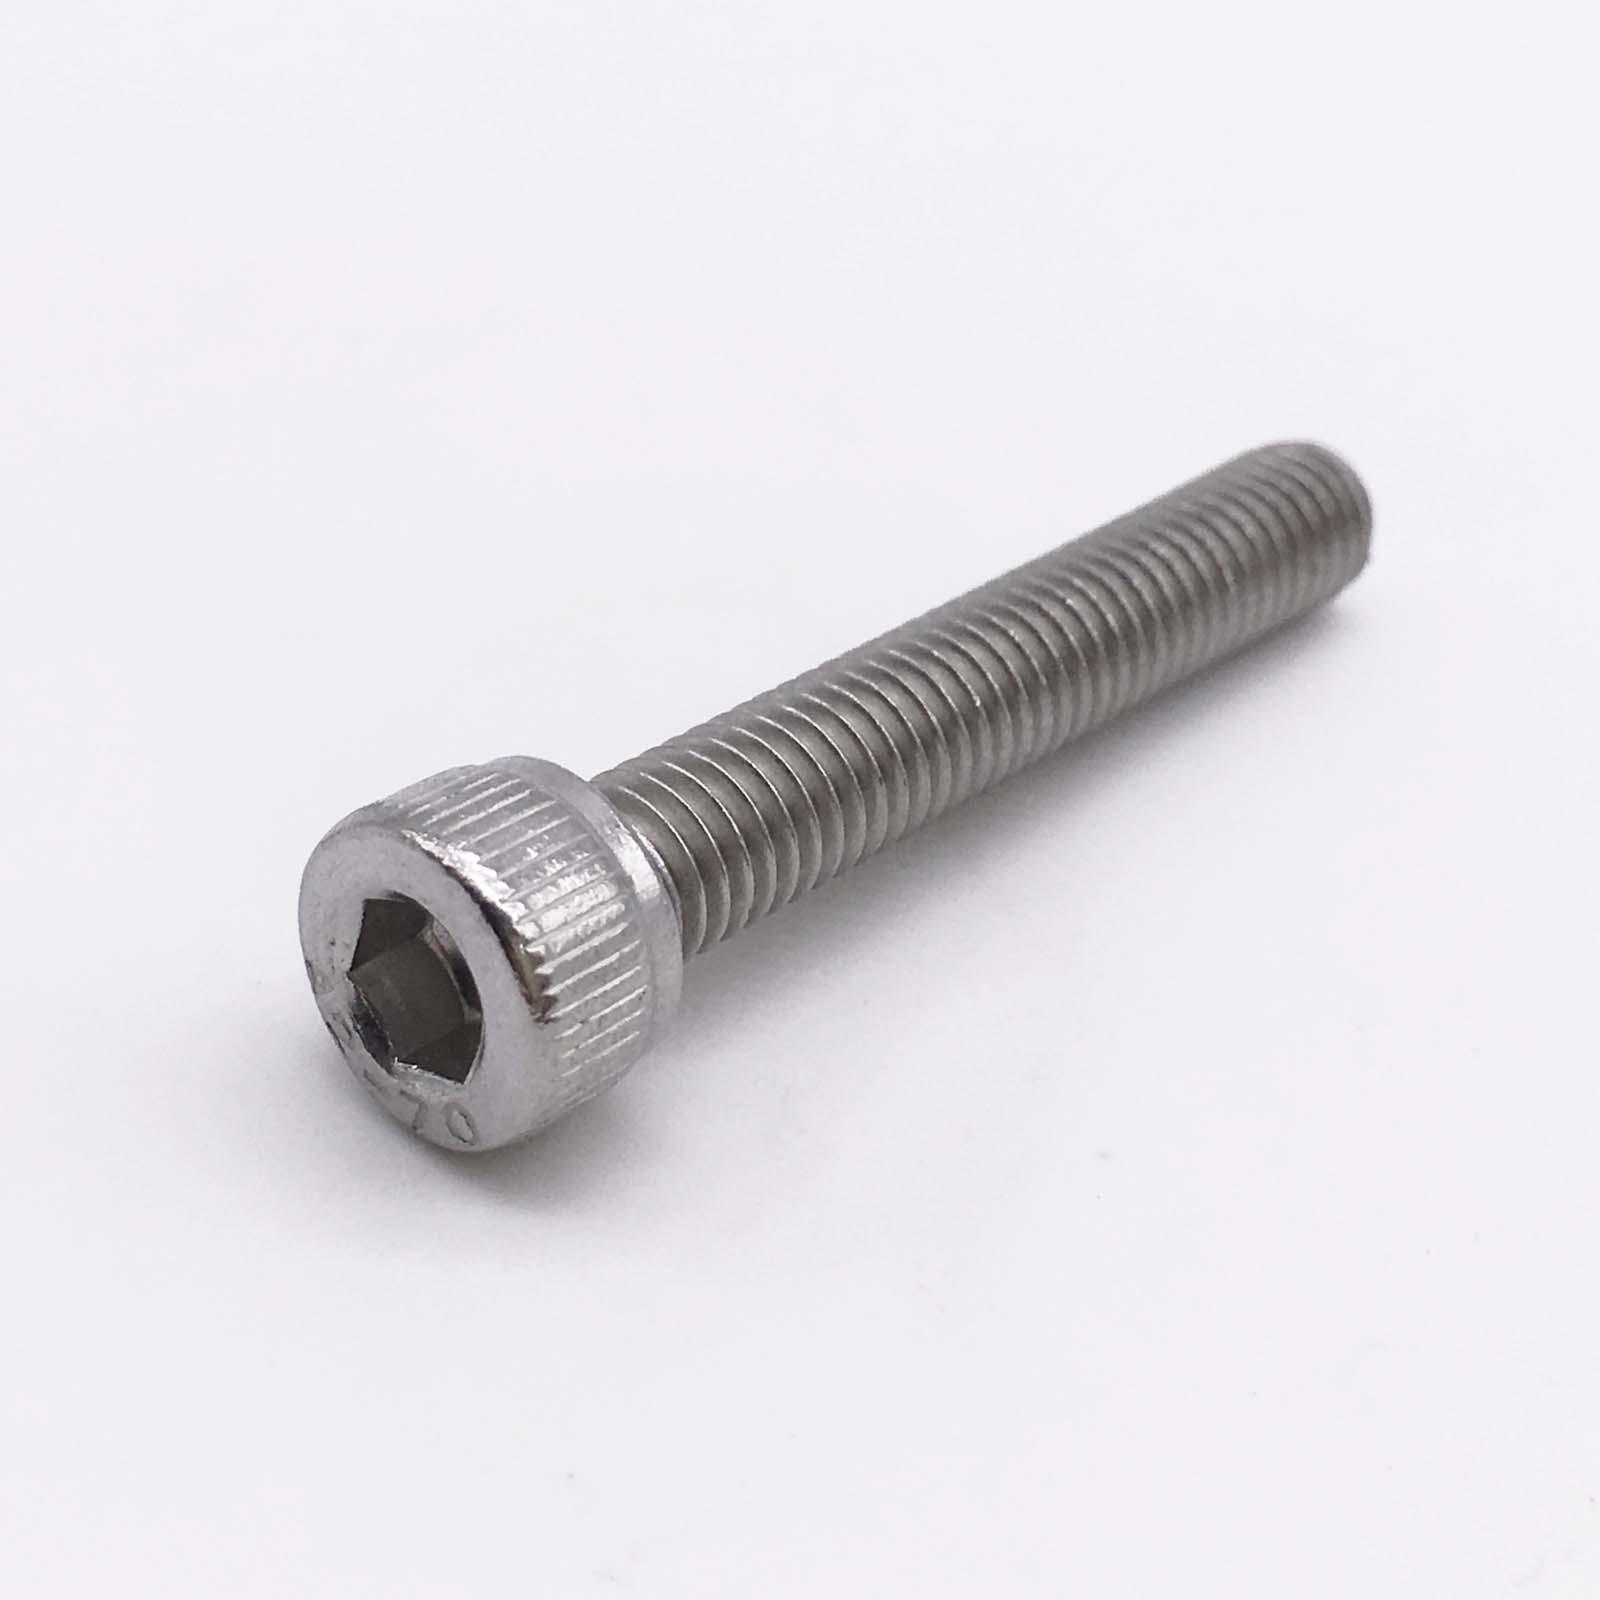 M4 X 4 DIN912 Socket Cap Screw A2 1000pcs/lot<br><br>Aliexpress